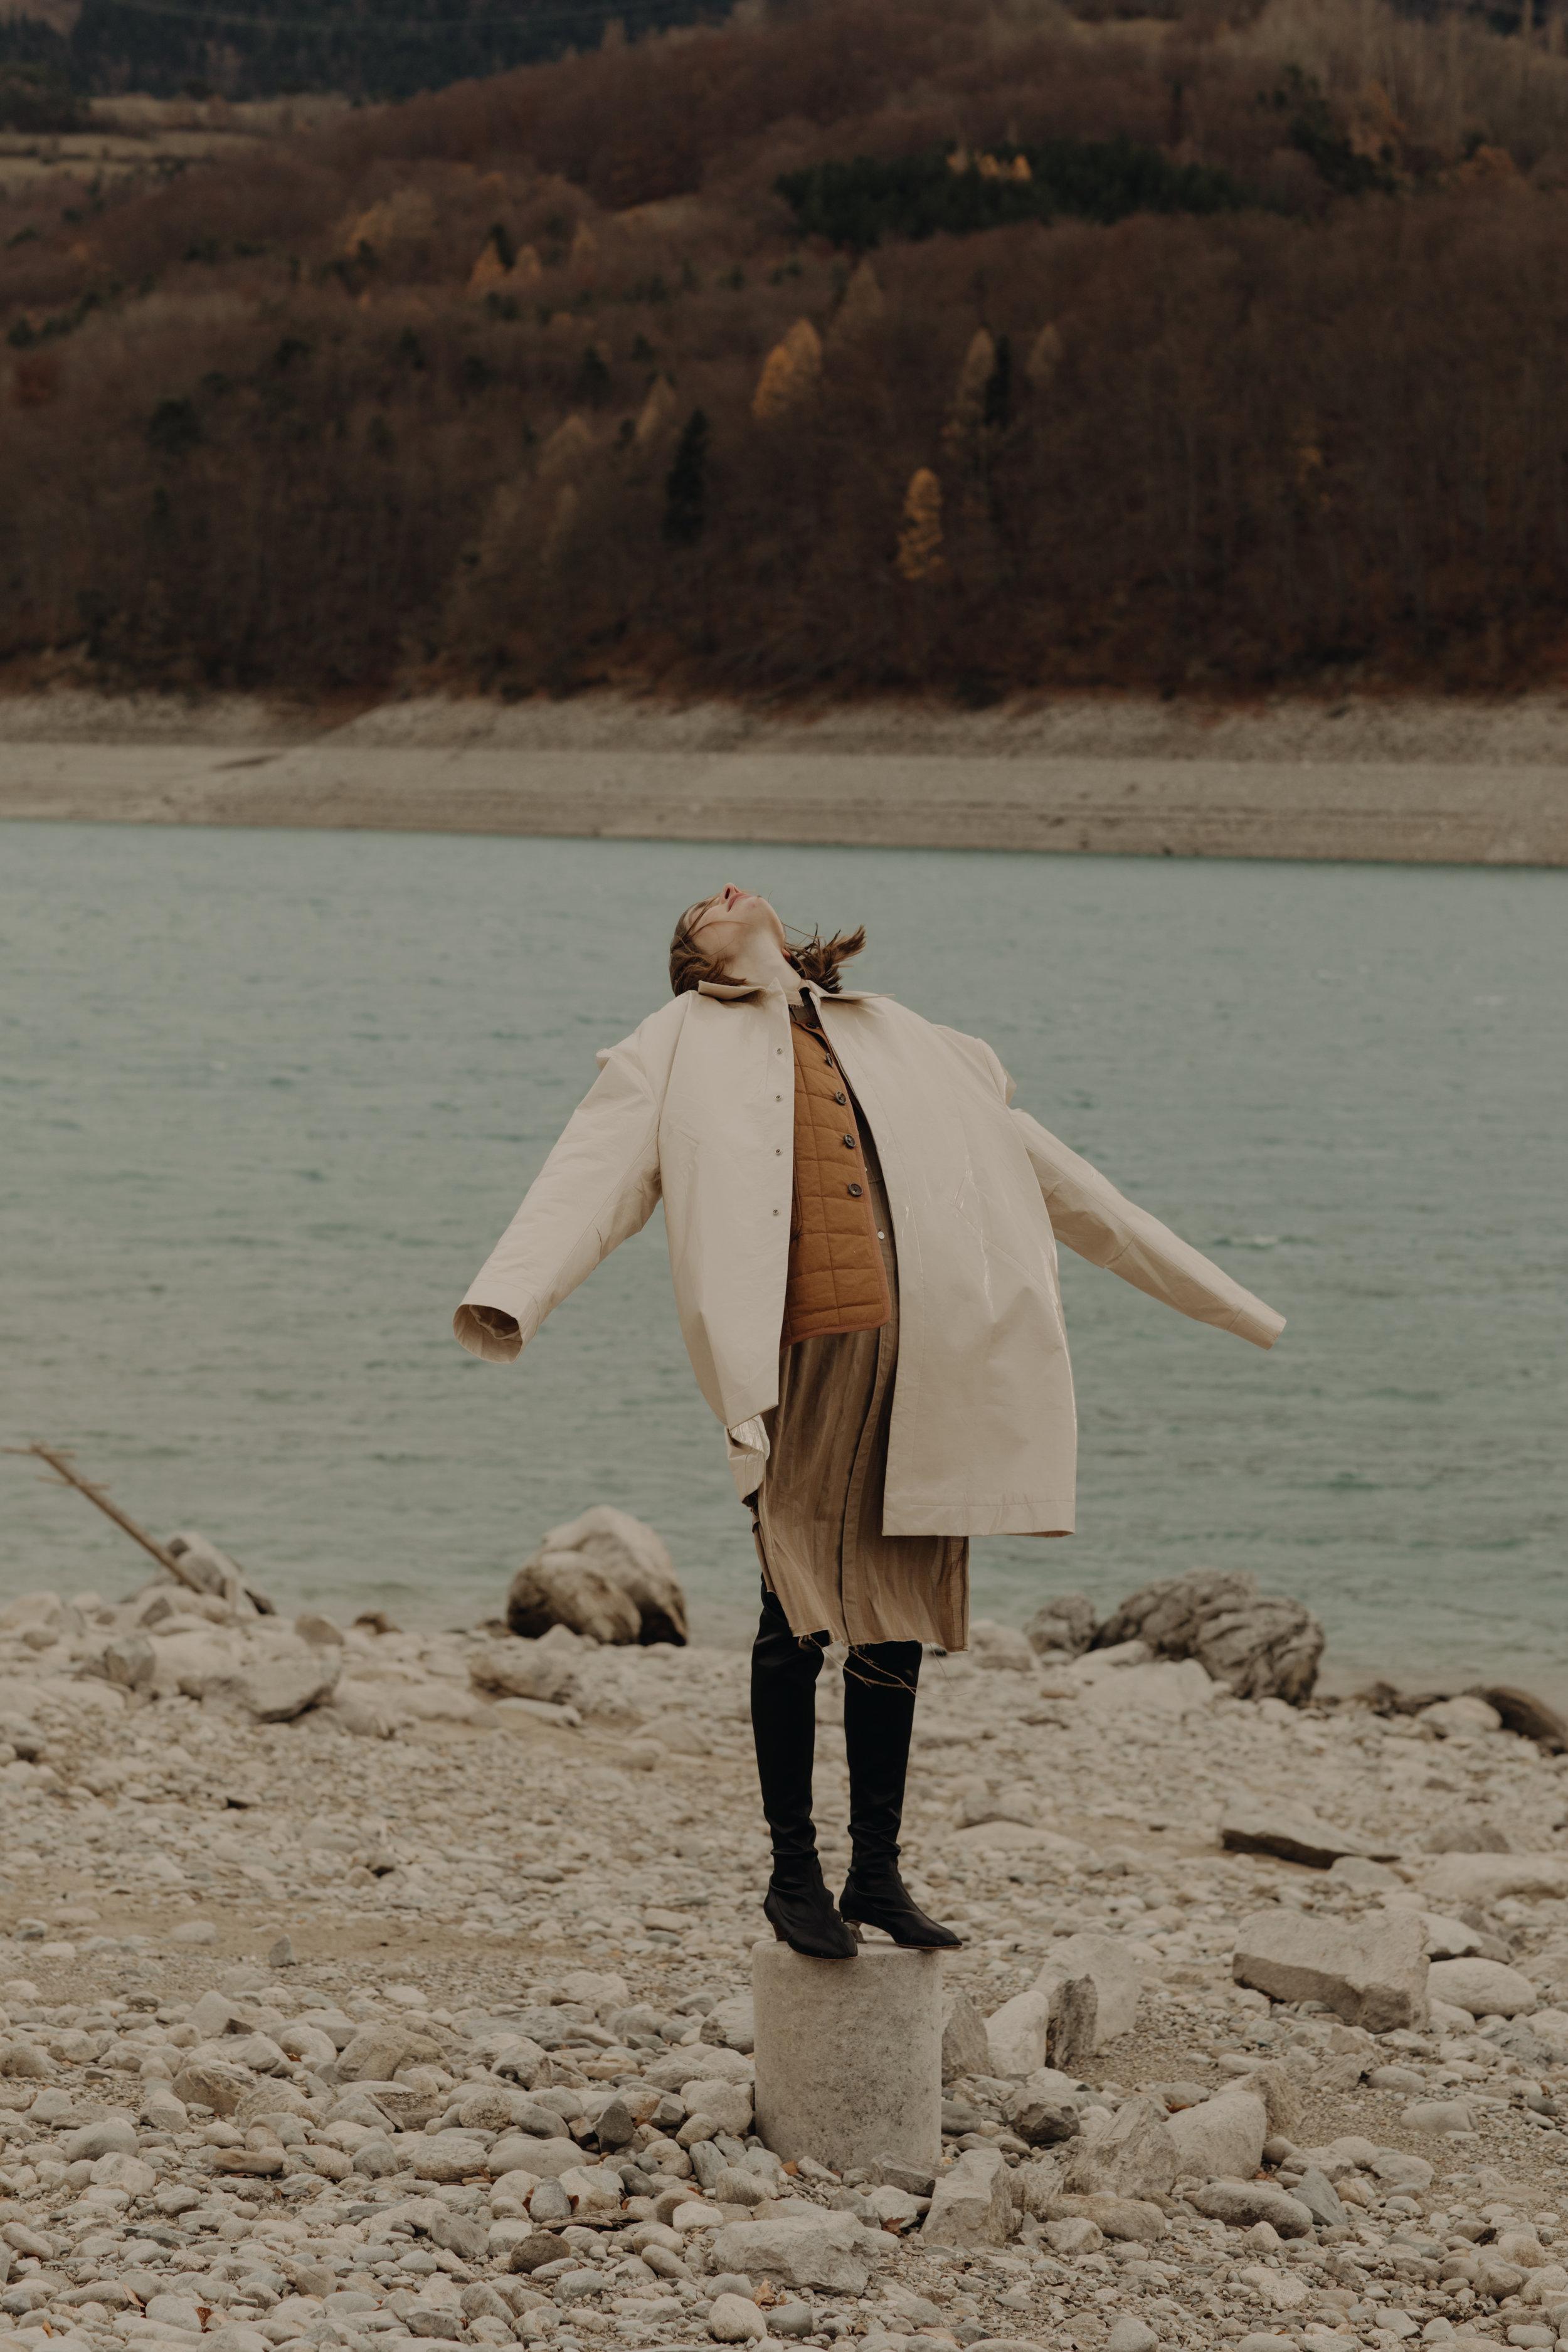 Coat  SEAN SUEN   Jacket  JOSEPH   Shirt  CHRISTIAN DADA  Shoes  DAVID BEAUCIEL